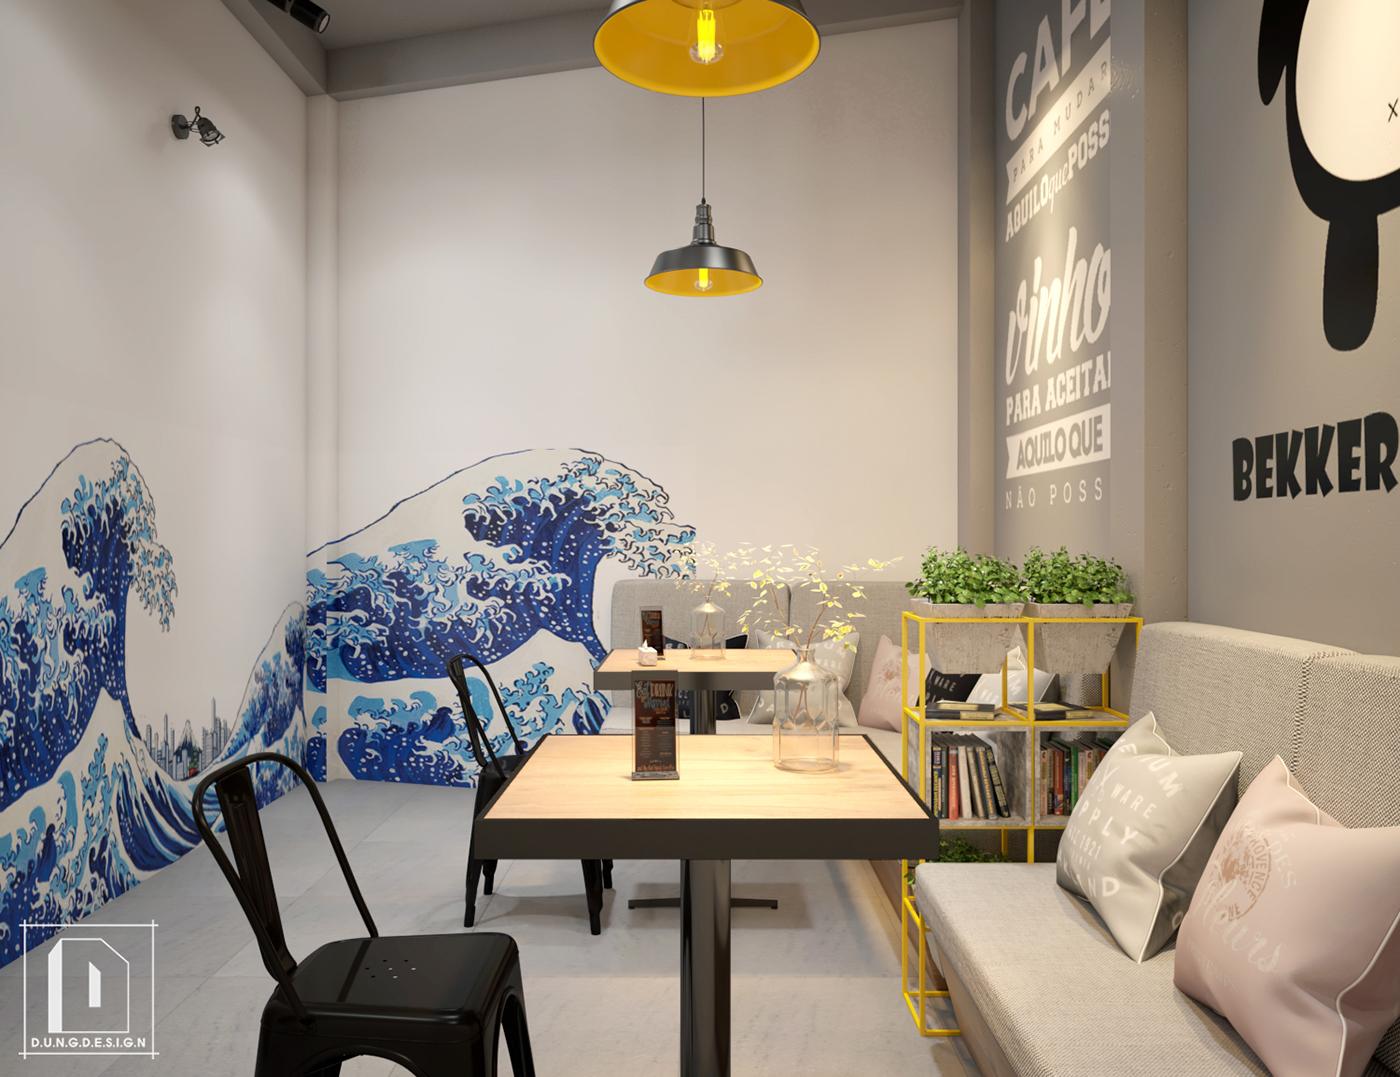 thiết kế nội thất Cafe tại Hồ Chí Minh Bekker Coffee 0 1538453251